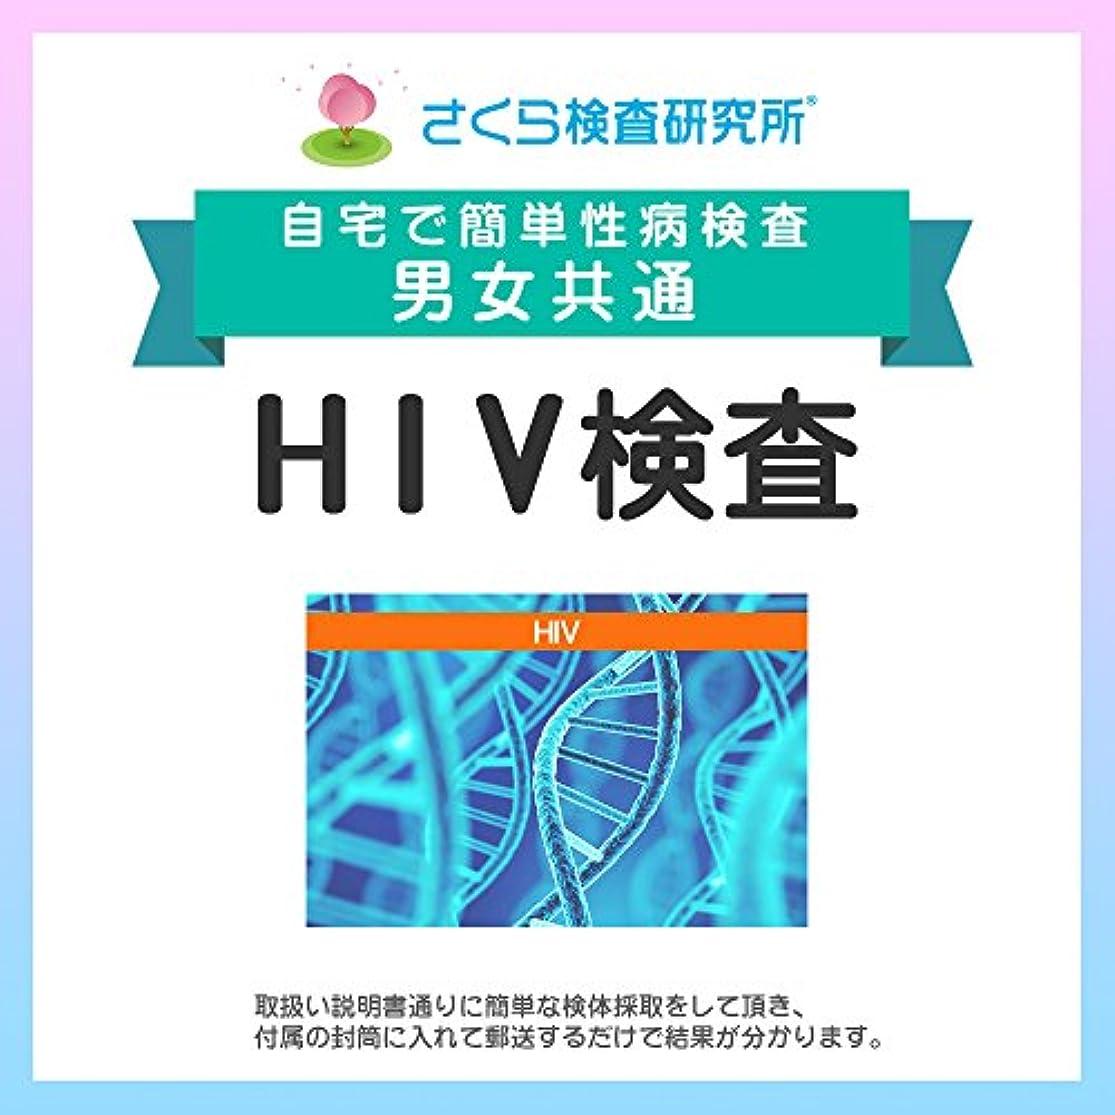 平衡ウェイターアブストラクトさくら検査研究所 HIV(エイズ)検査 男女共通